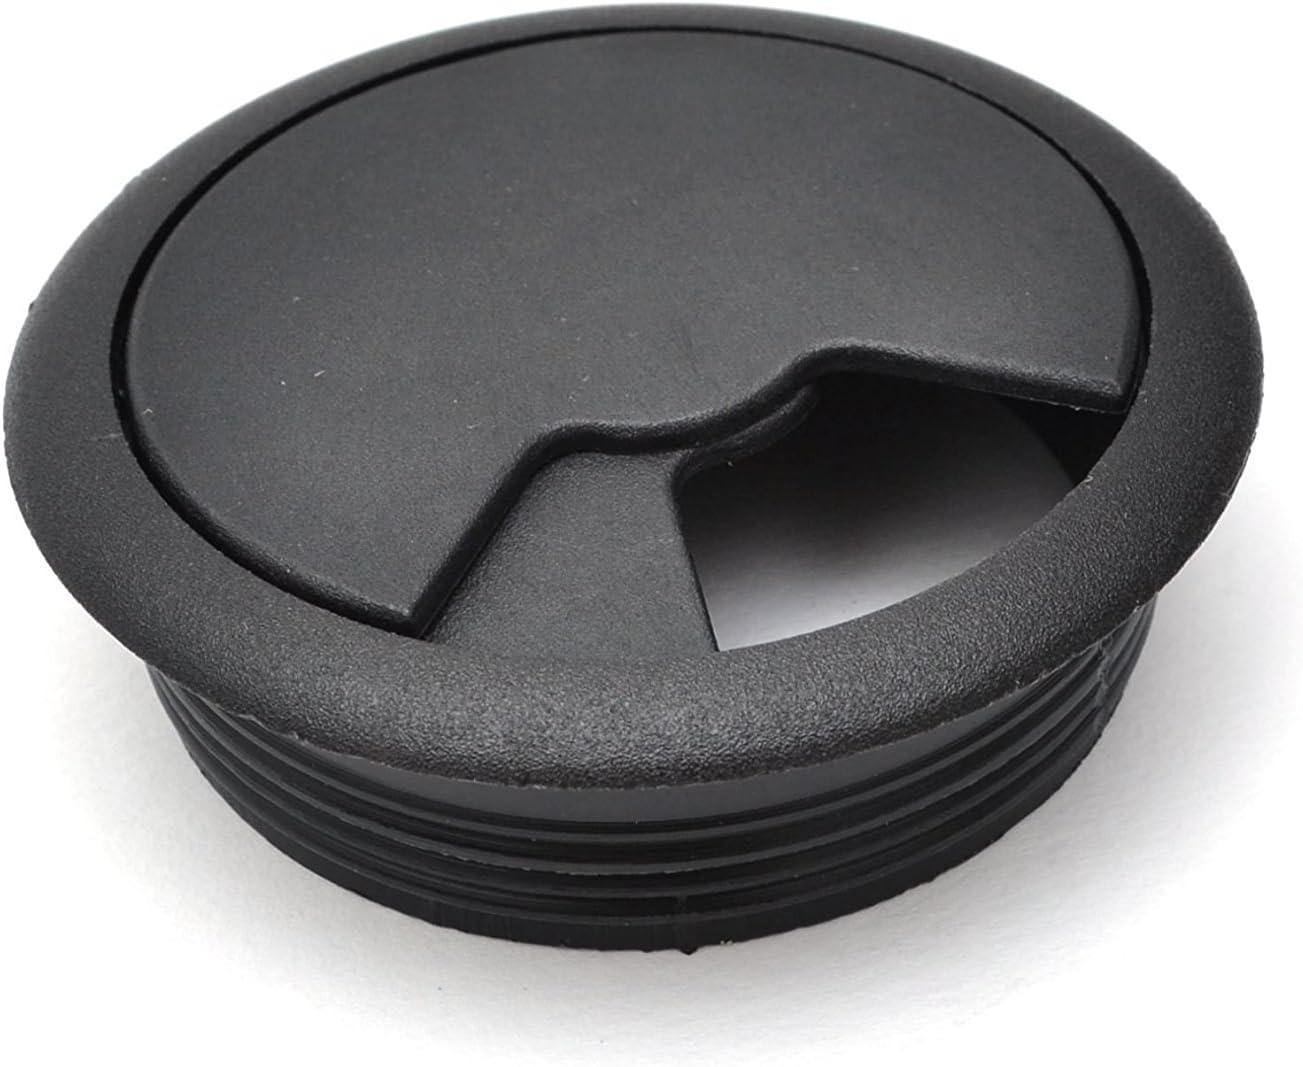 Plastic Duomi 2X 60mm Desk Table Grommet Cable Tidies Desk Caps Desk Surface Port Hole Covers